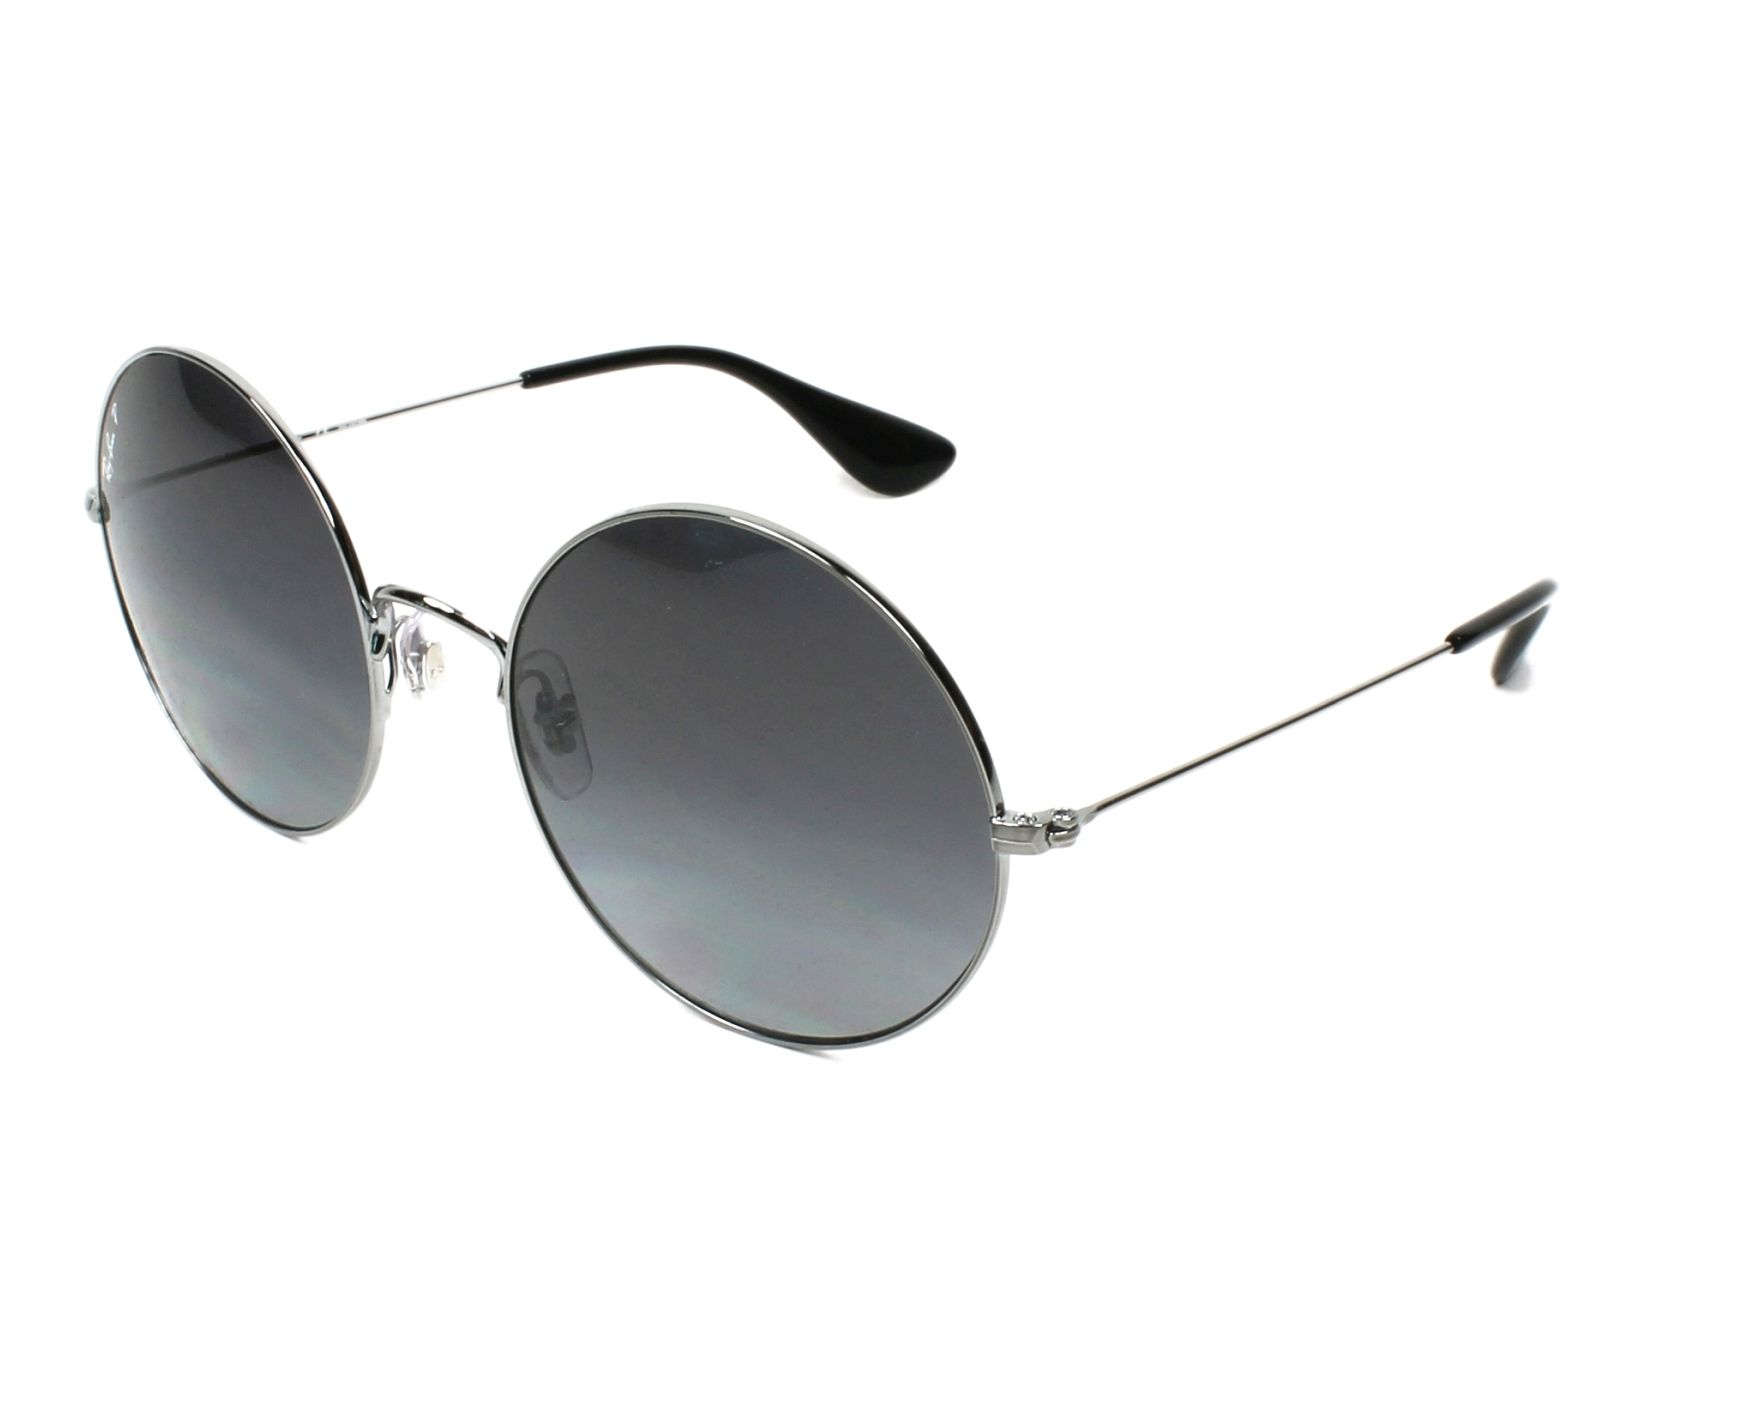 930d574f9e Sunglasses Ray-Ban RB-3592 004 T3 50-20 Gun profile view